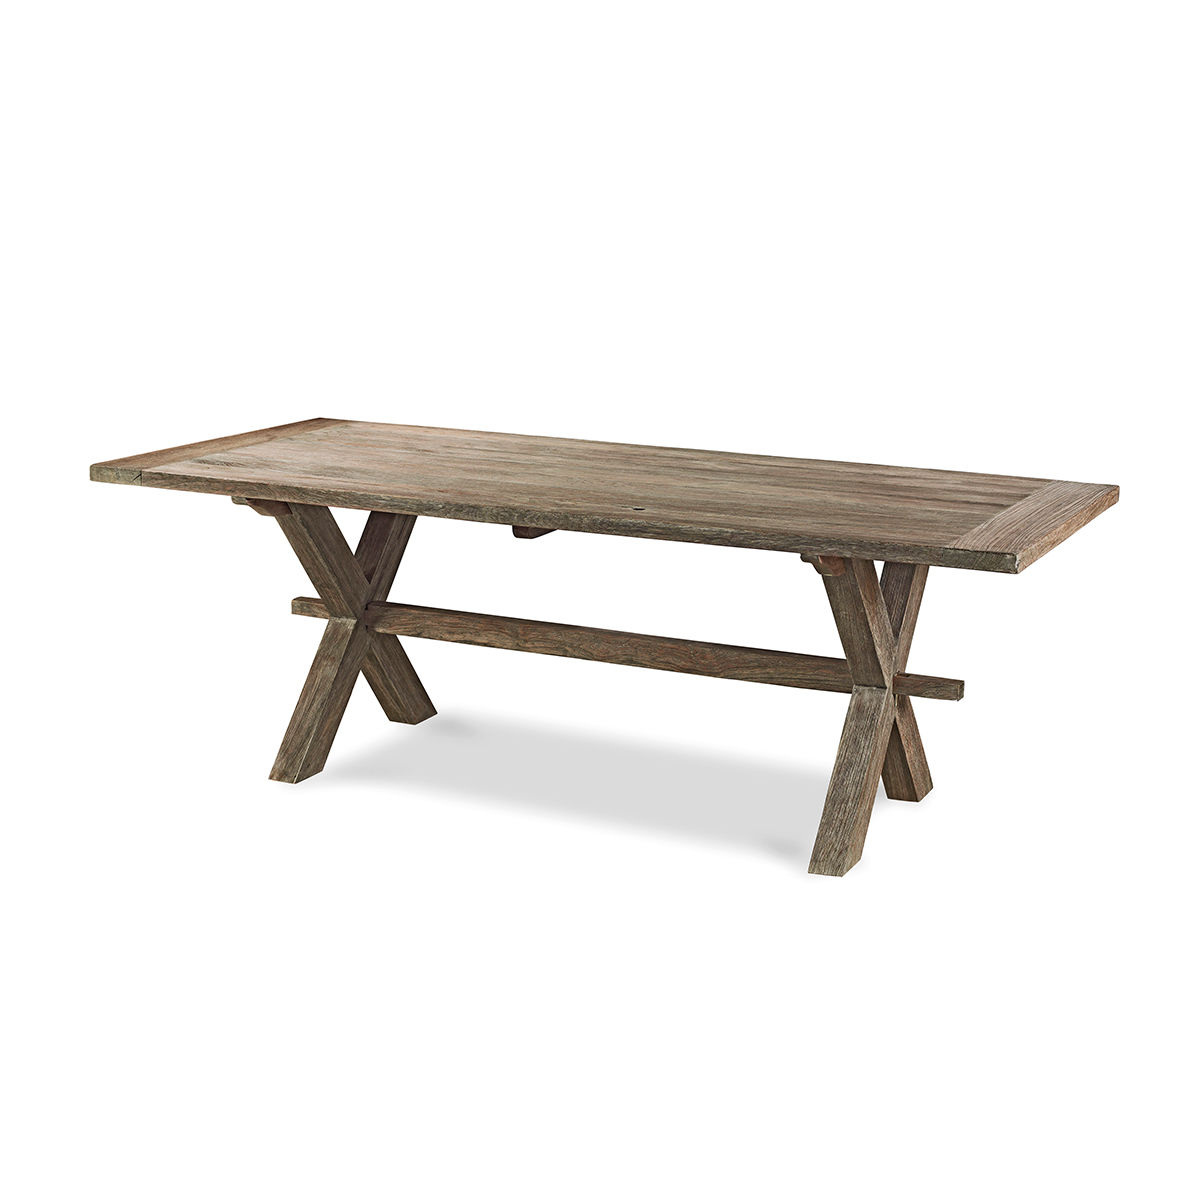 Tavolo pranzo in legno Cloe Braid